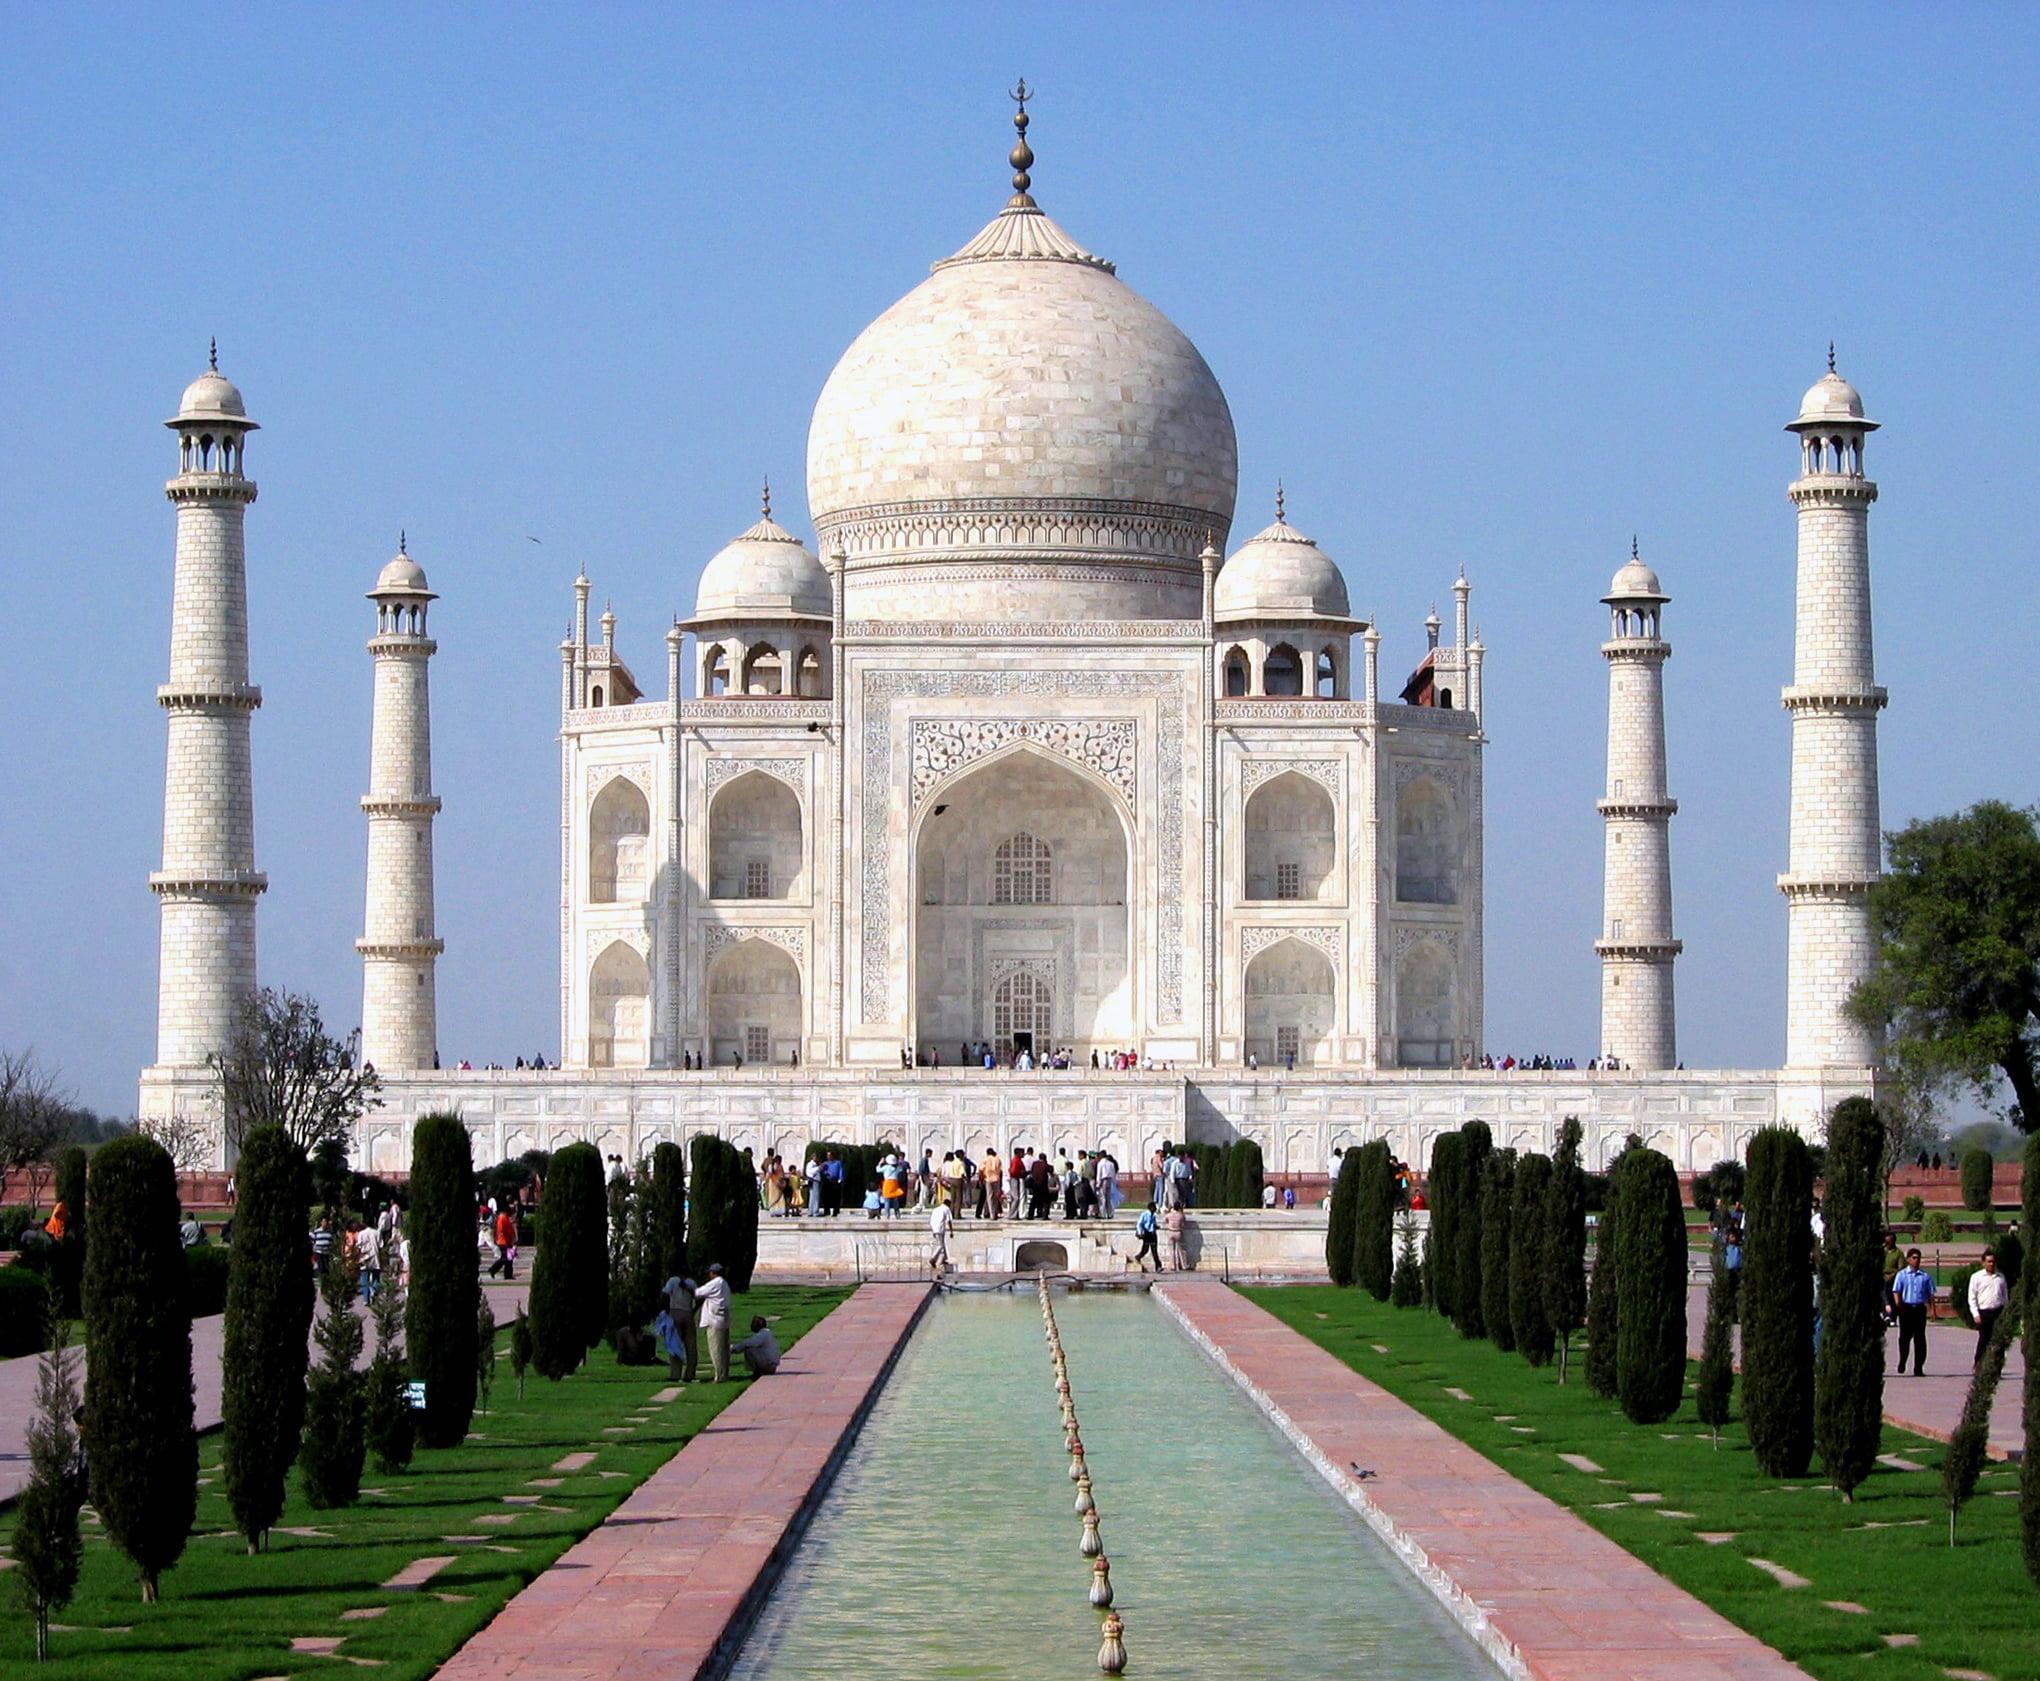 Taj Mahal en Agra-India, la mejor representación del jardín persa. Foto: Wikipedia.